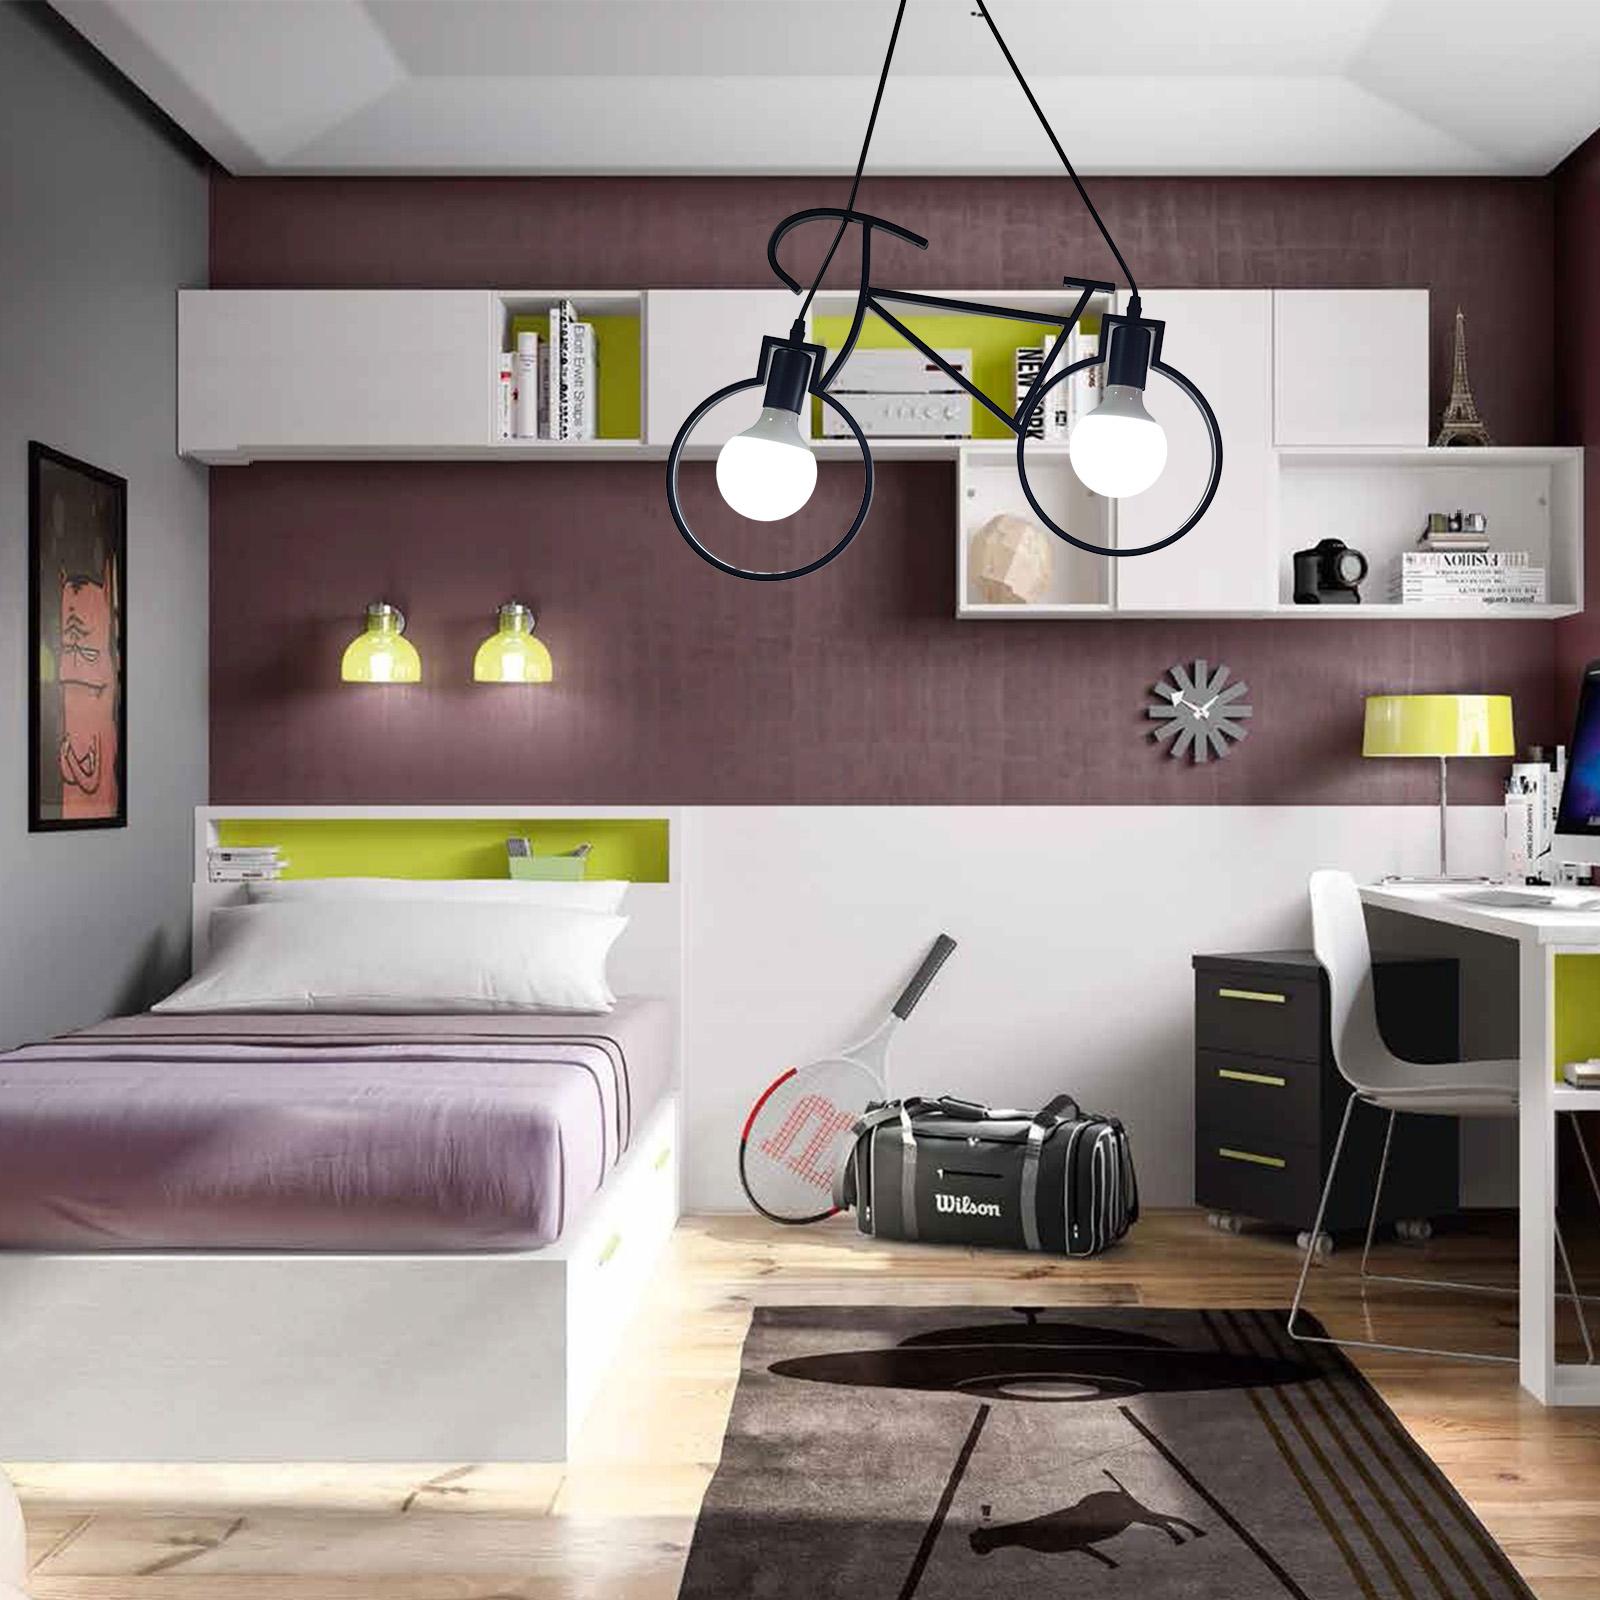 Lámpara Vélo - En una habitación juvenil